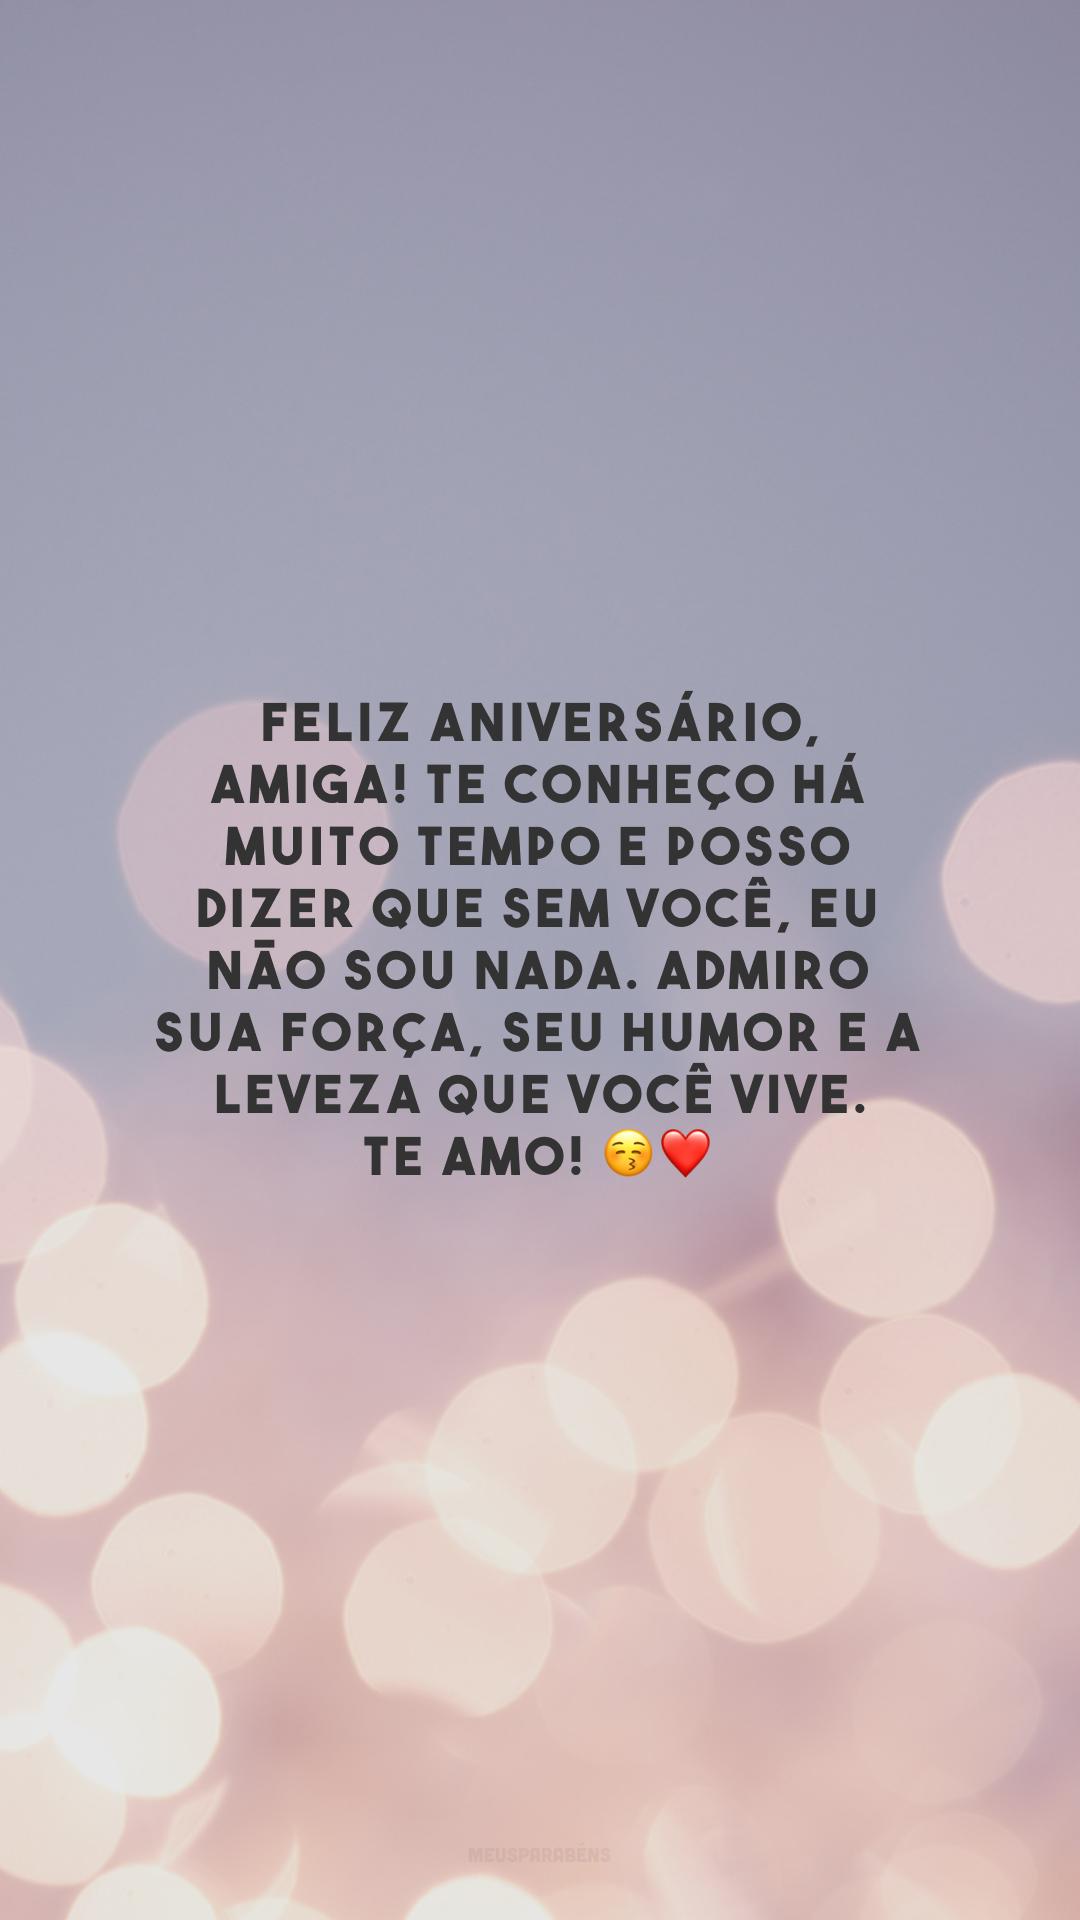 Feliz aniversário, amiga! Te conheço há muito tempo e posso dizer que sem você, eu não sou nada. Admiro sua força, seu humor e a leveza que você vive. Te amo! 😚❤️